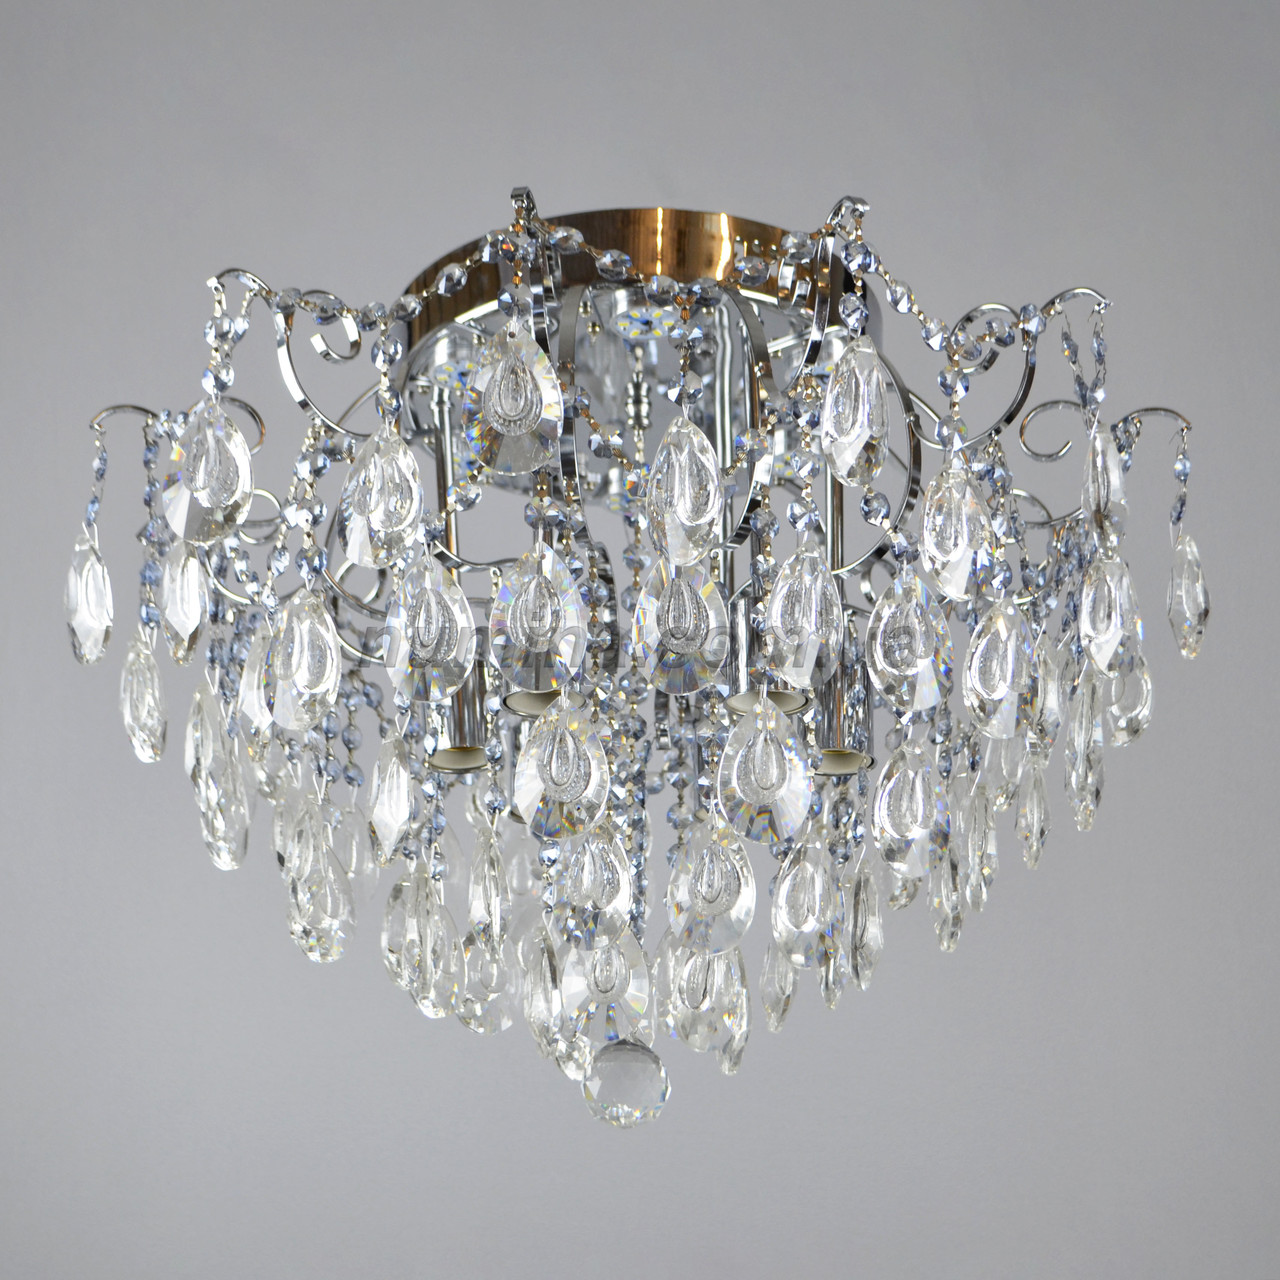 Люстра потолочная хрустальная на шесть ламп 3-E1342/6+6 CR